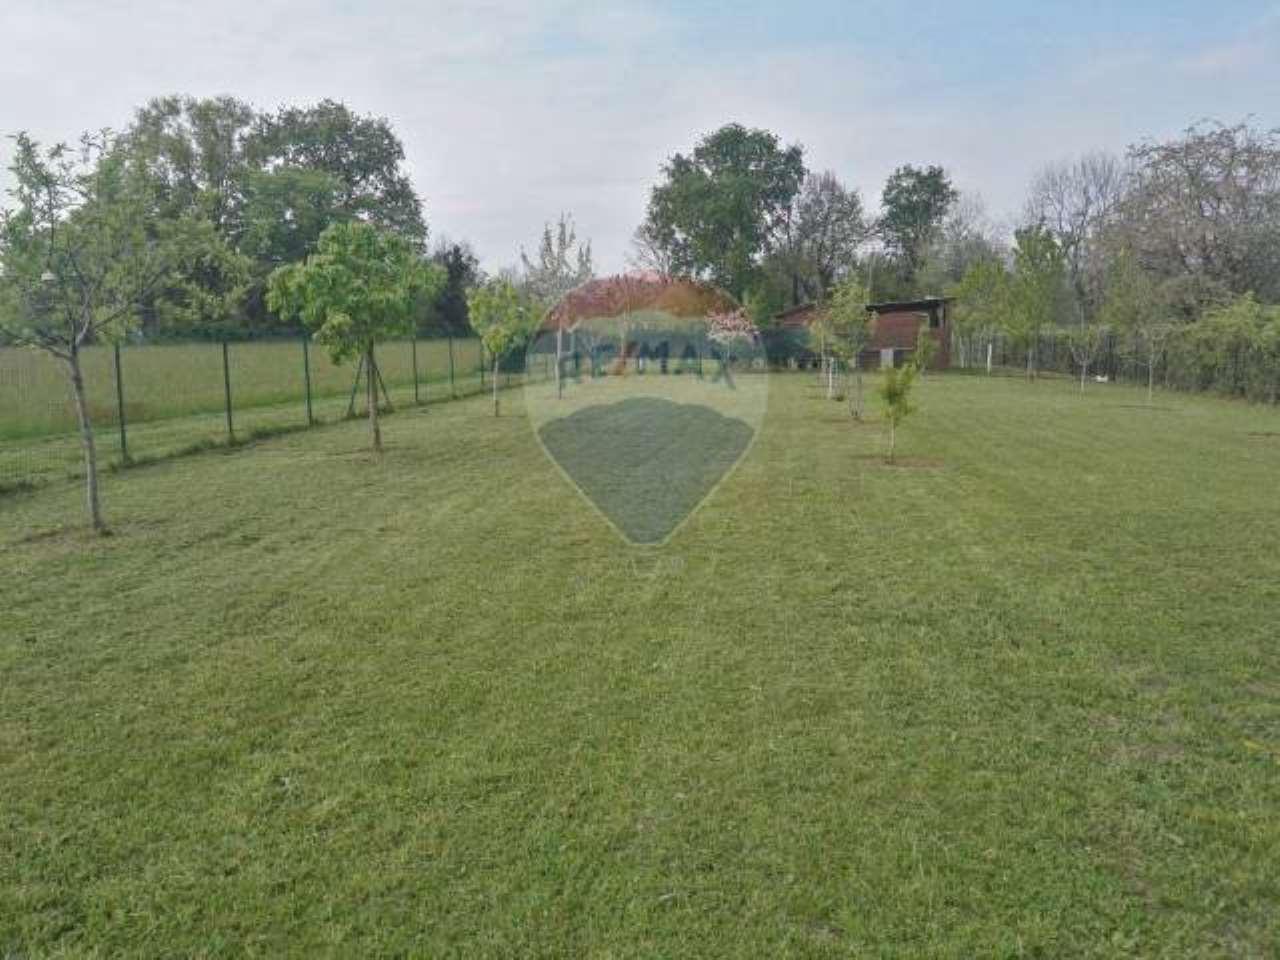 Terreno Agricolo in vendita a Villarbasse, 9999 locali, prezzo € 27.000 | PortaleAgenzieImmobiliari.it